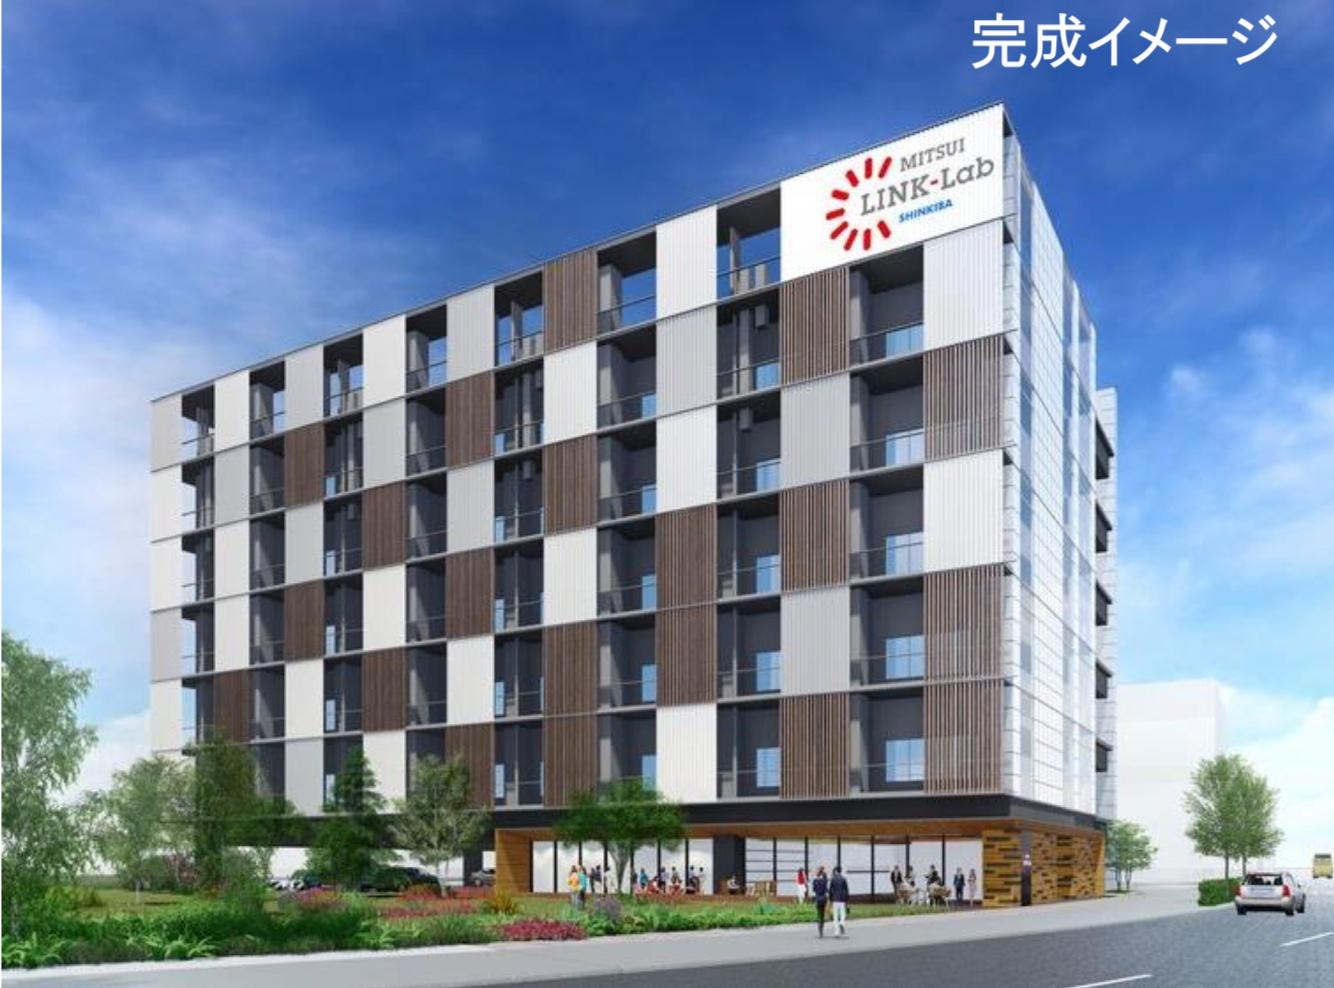 三井不動産、ライフサイエンス領域のイノベーション創出支援「賃貸ラボ&オフィス」事業を開始